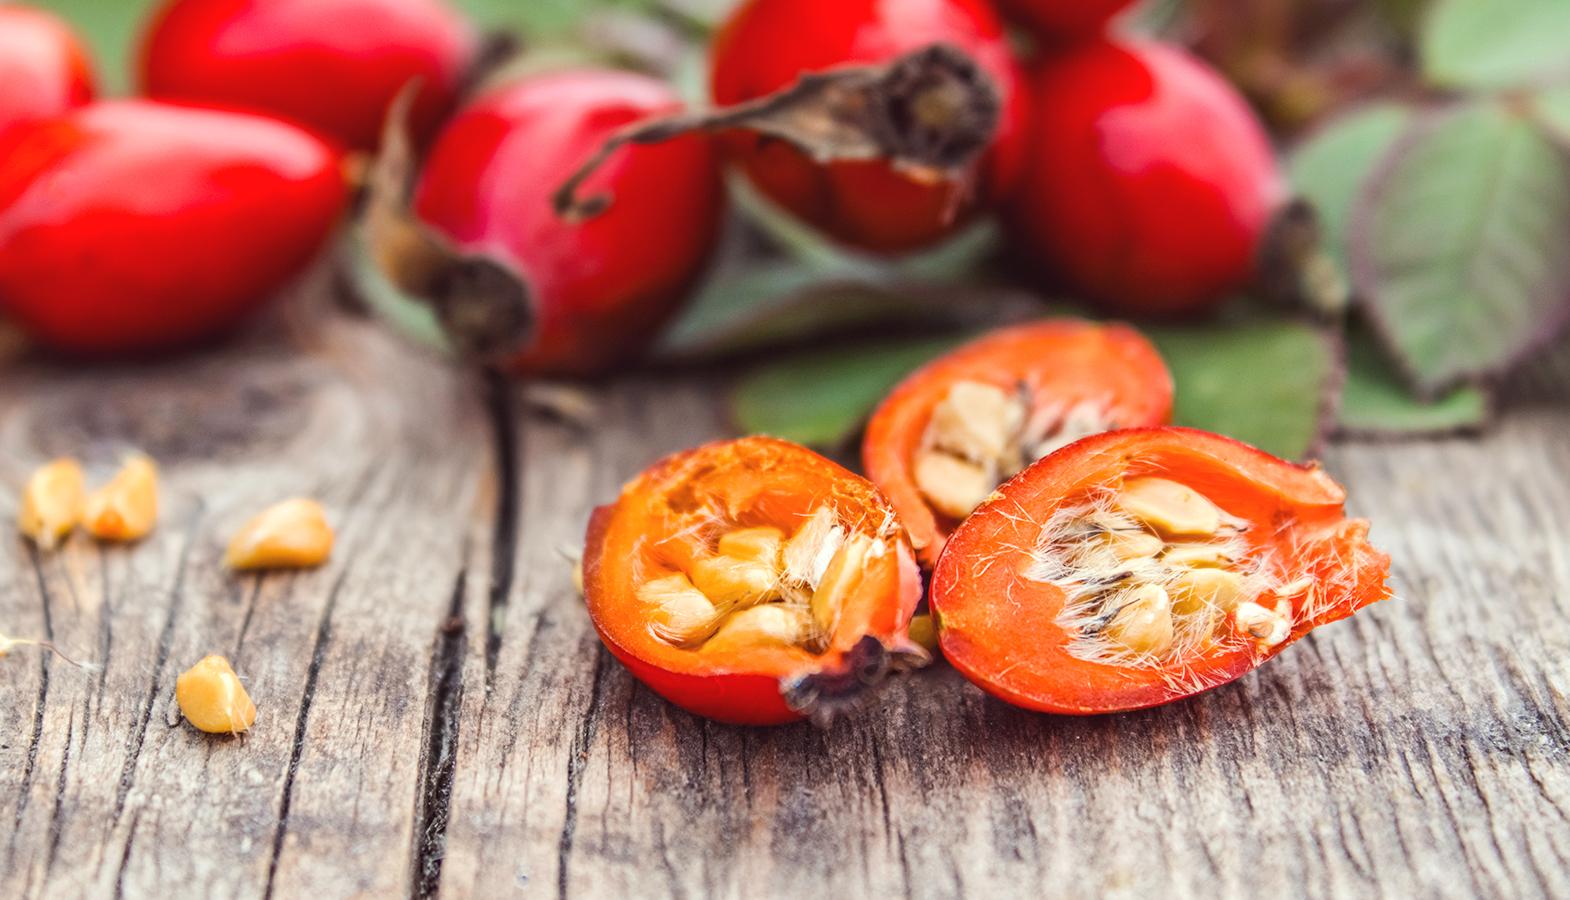 šípky odstranění semínek